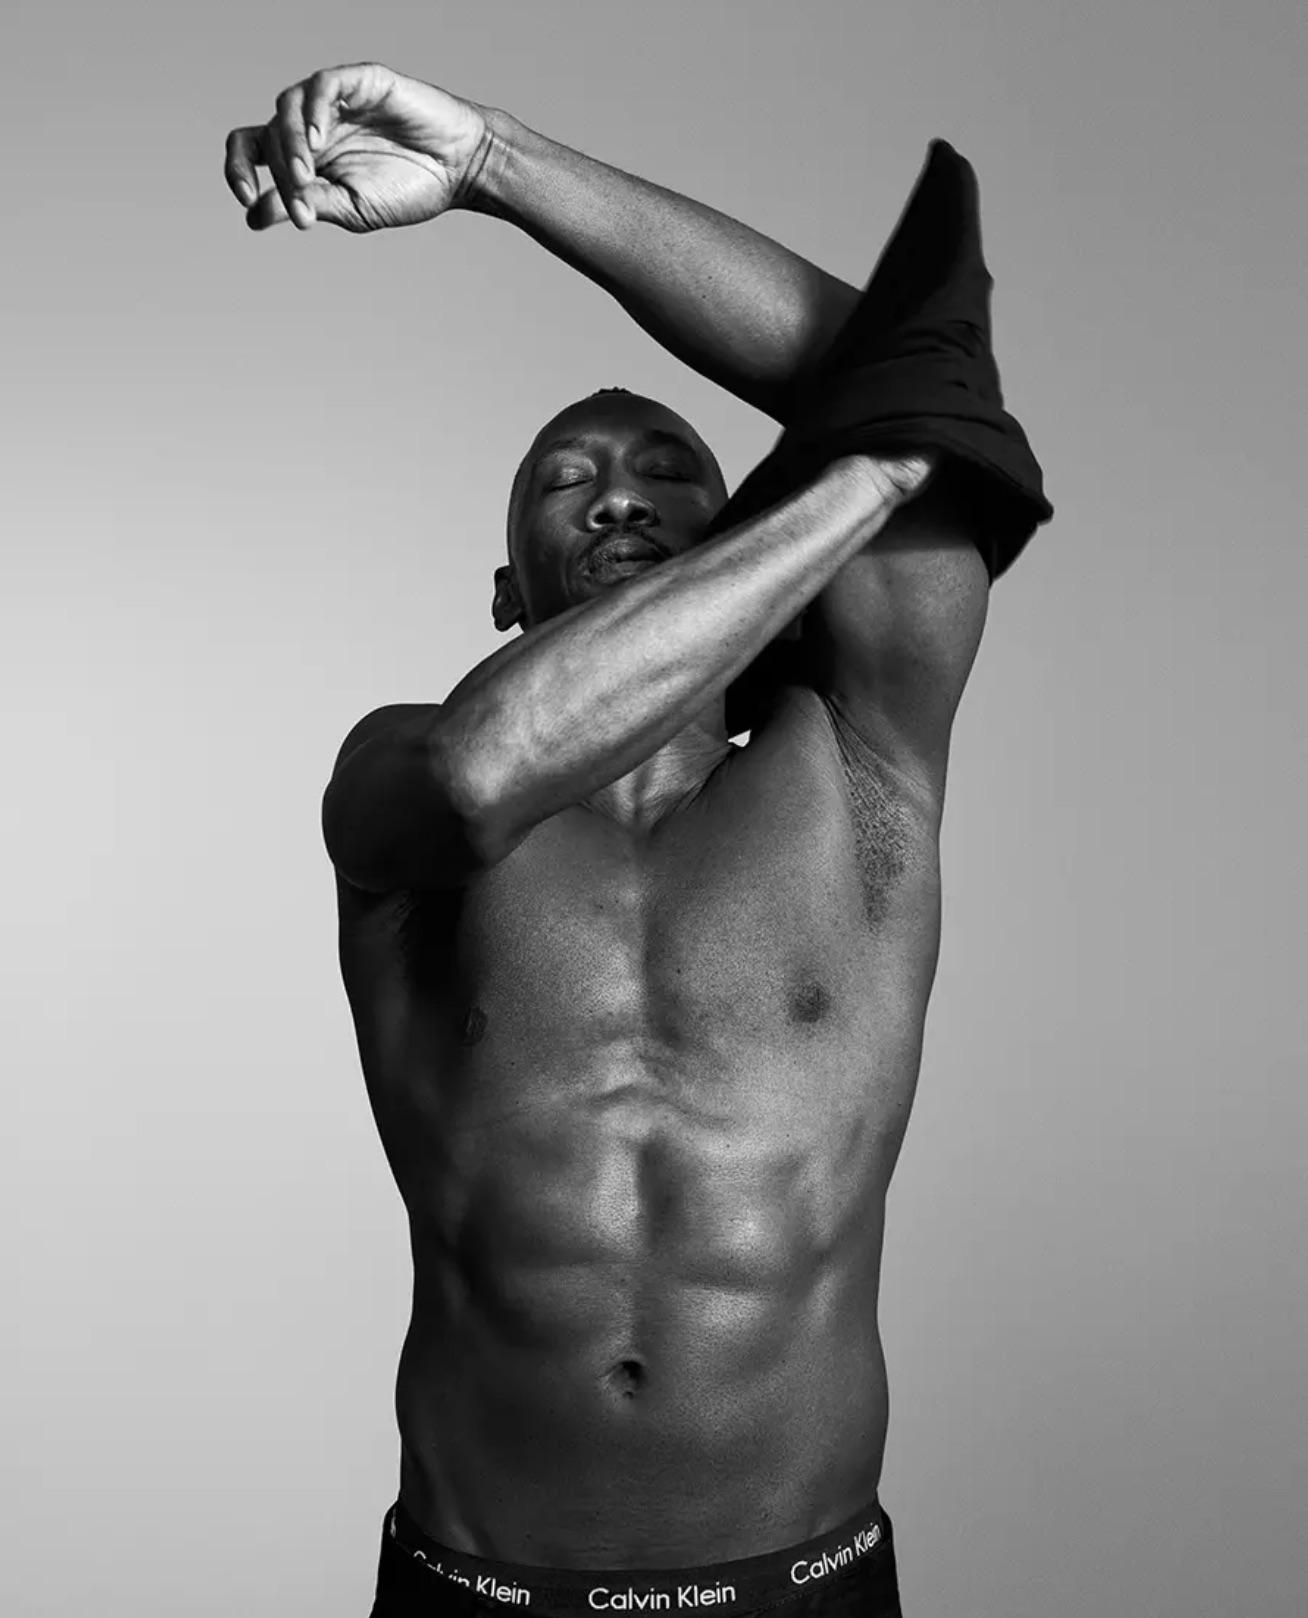 celebrity calvin klein underwear ads mahershala ali